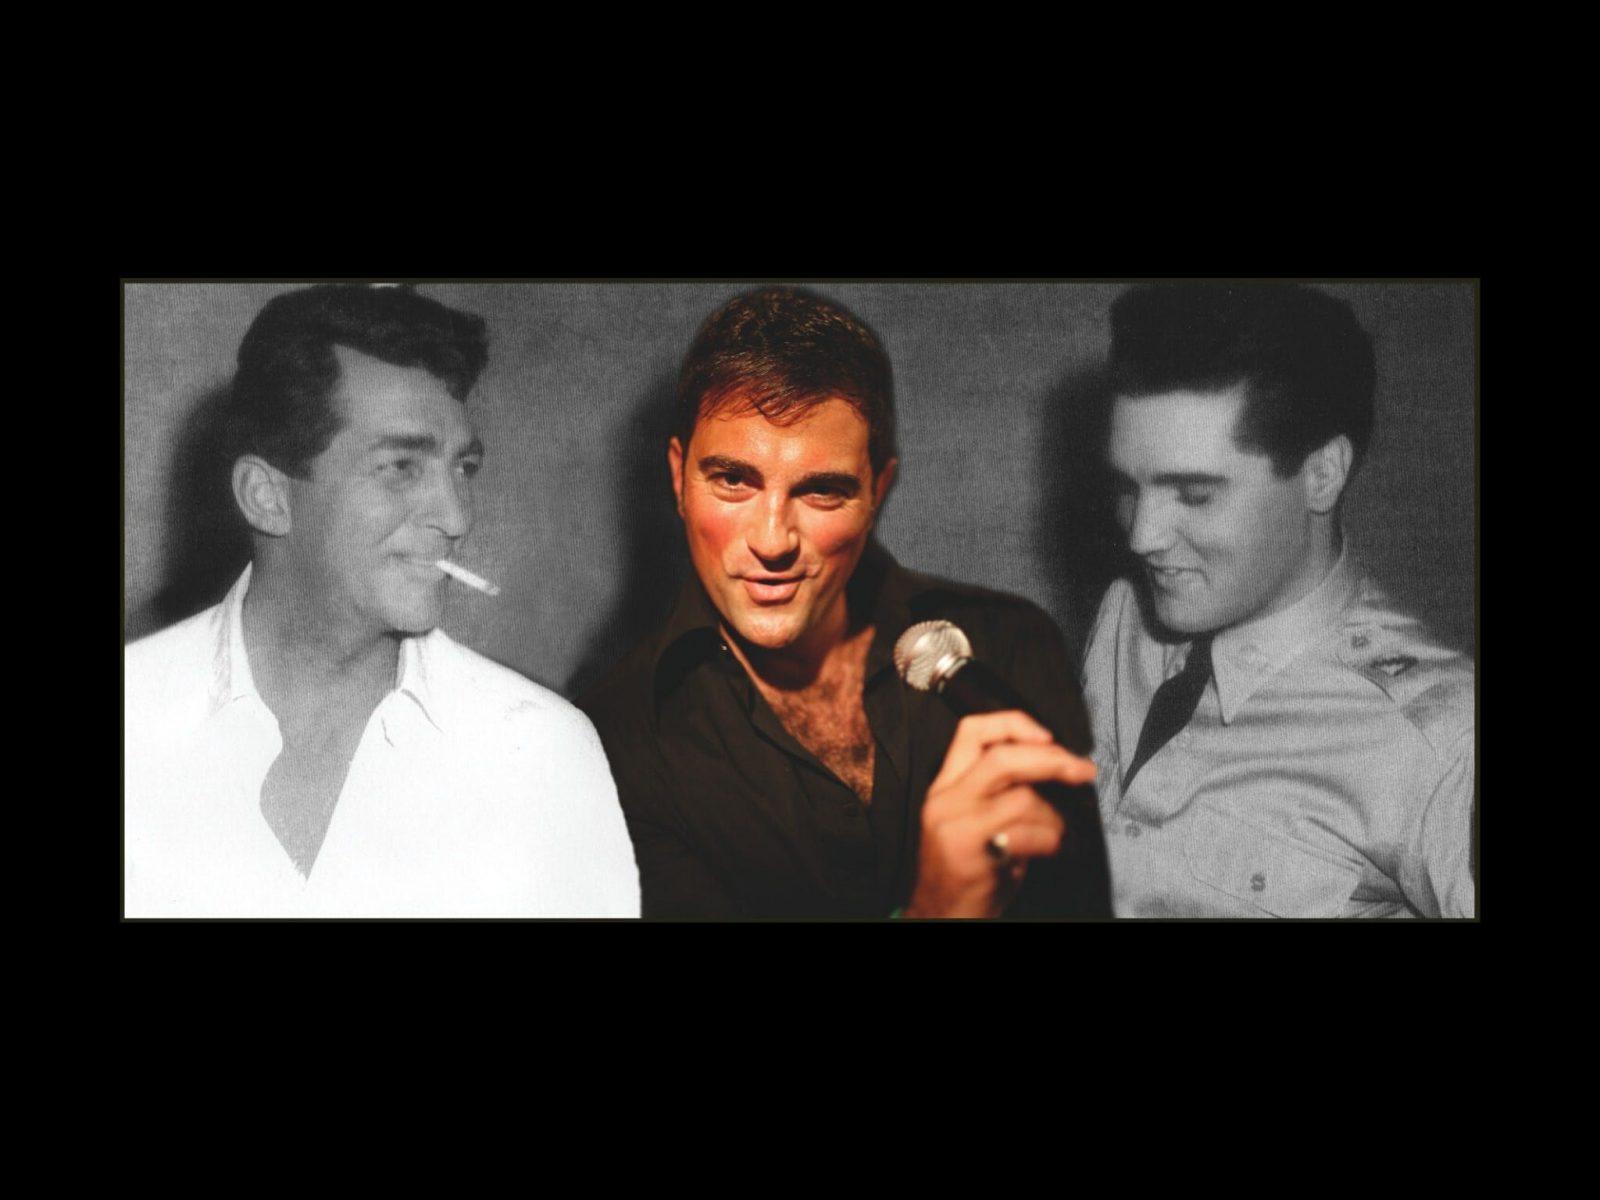 Elvis, Dean Martin